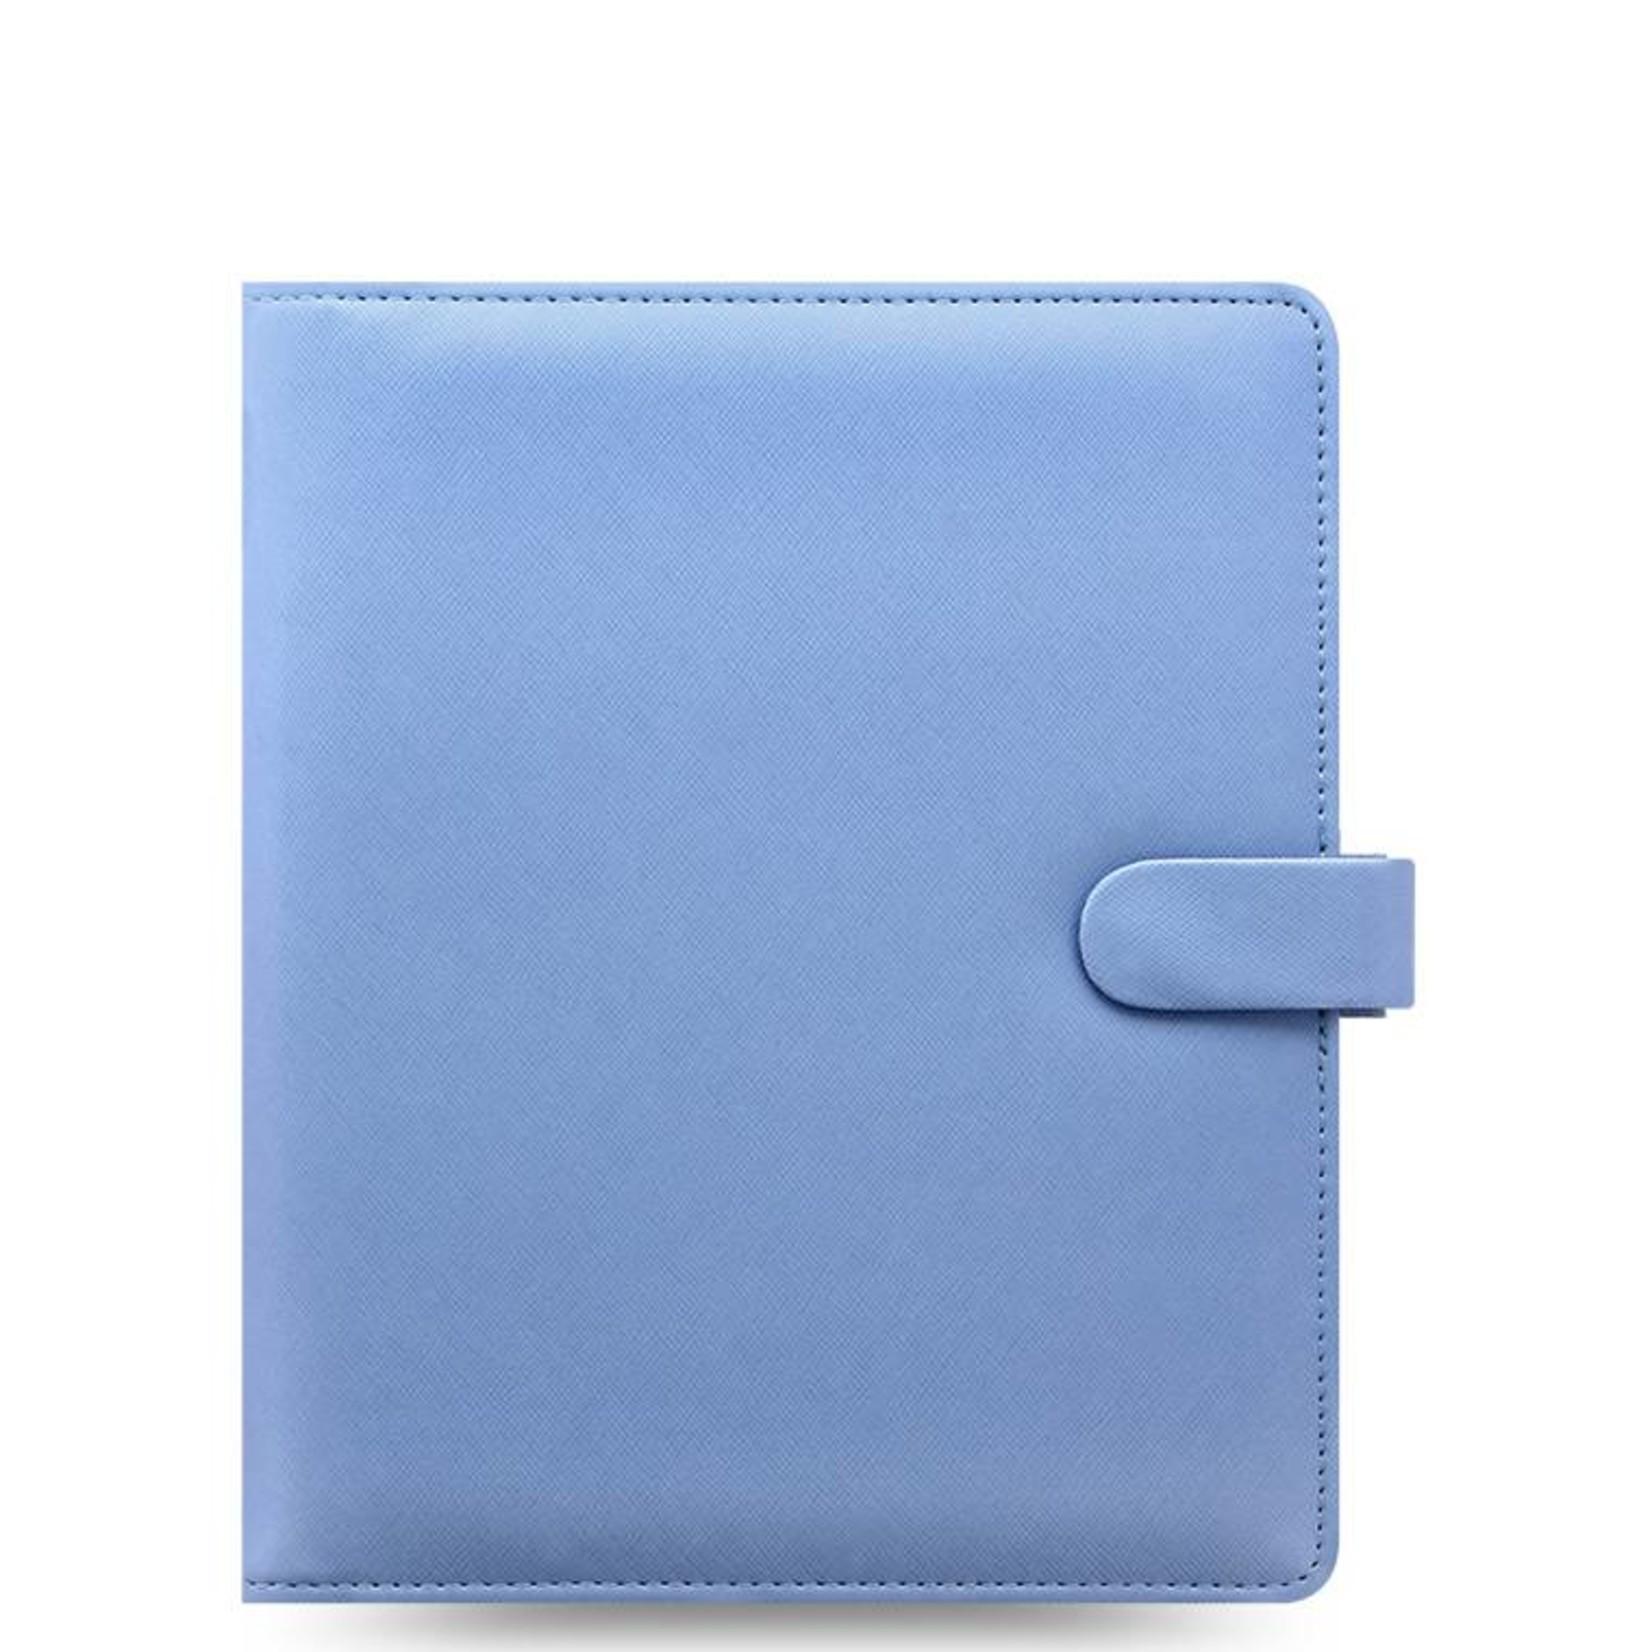 Filofax A5 SAFFIANO Vista Blue